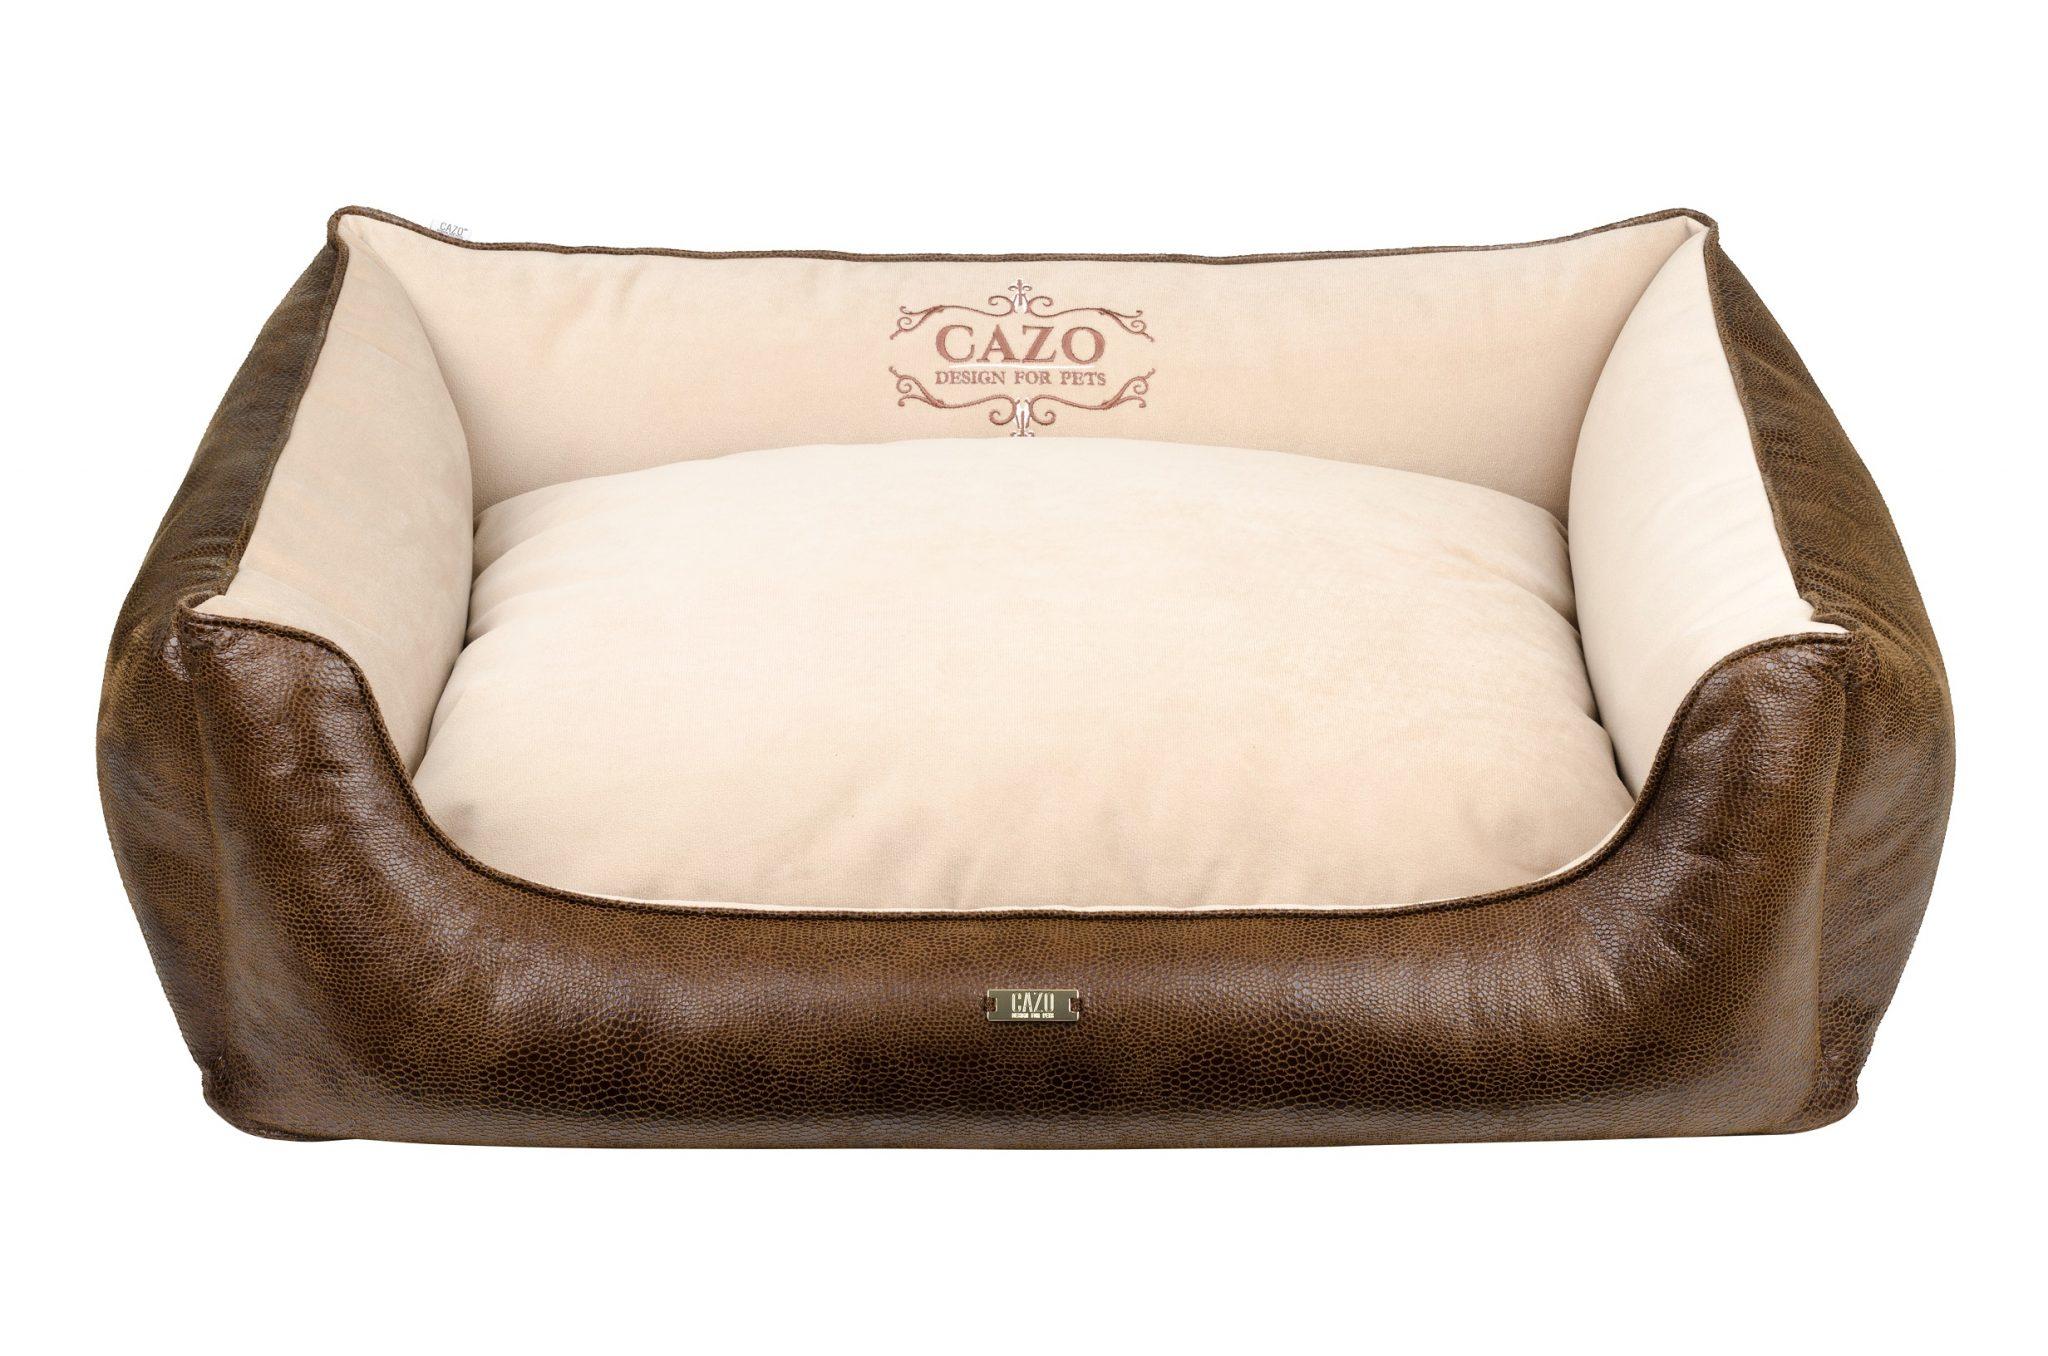 Pelech Cazo Classy hnedý, spĺňa všetky náročné kritéria potrebné pre pohodlie vášho domáceho maznáčika, ktorými sú kvalita, komfort, moderný dizajn, originalita a jednoduchosť v údržbe.